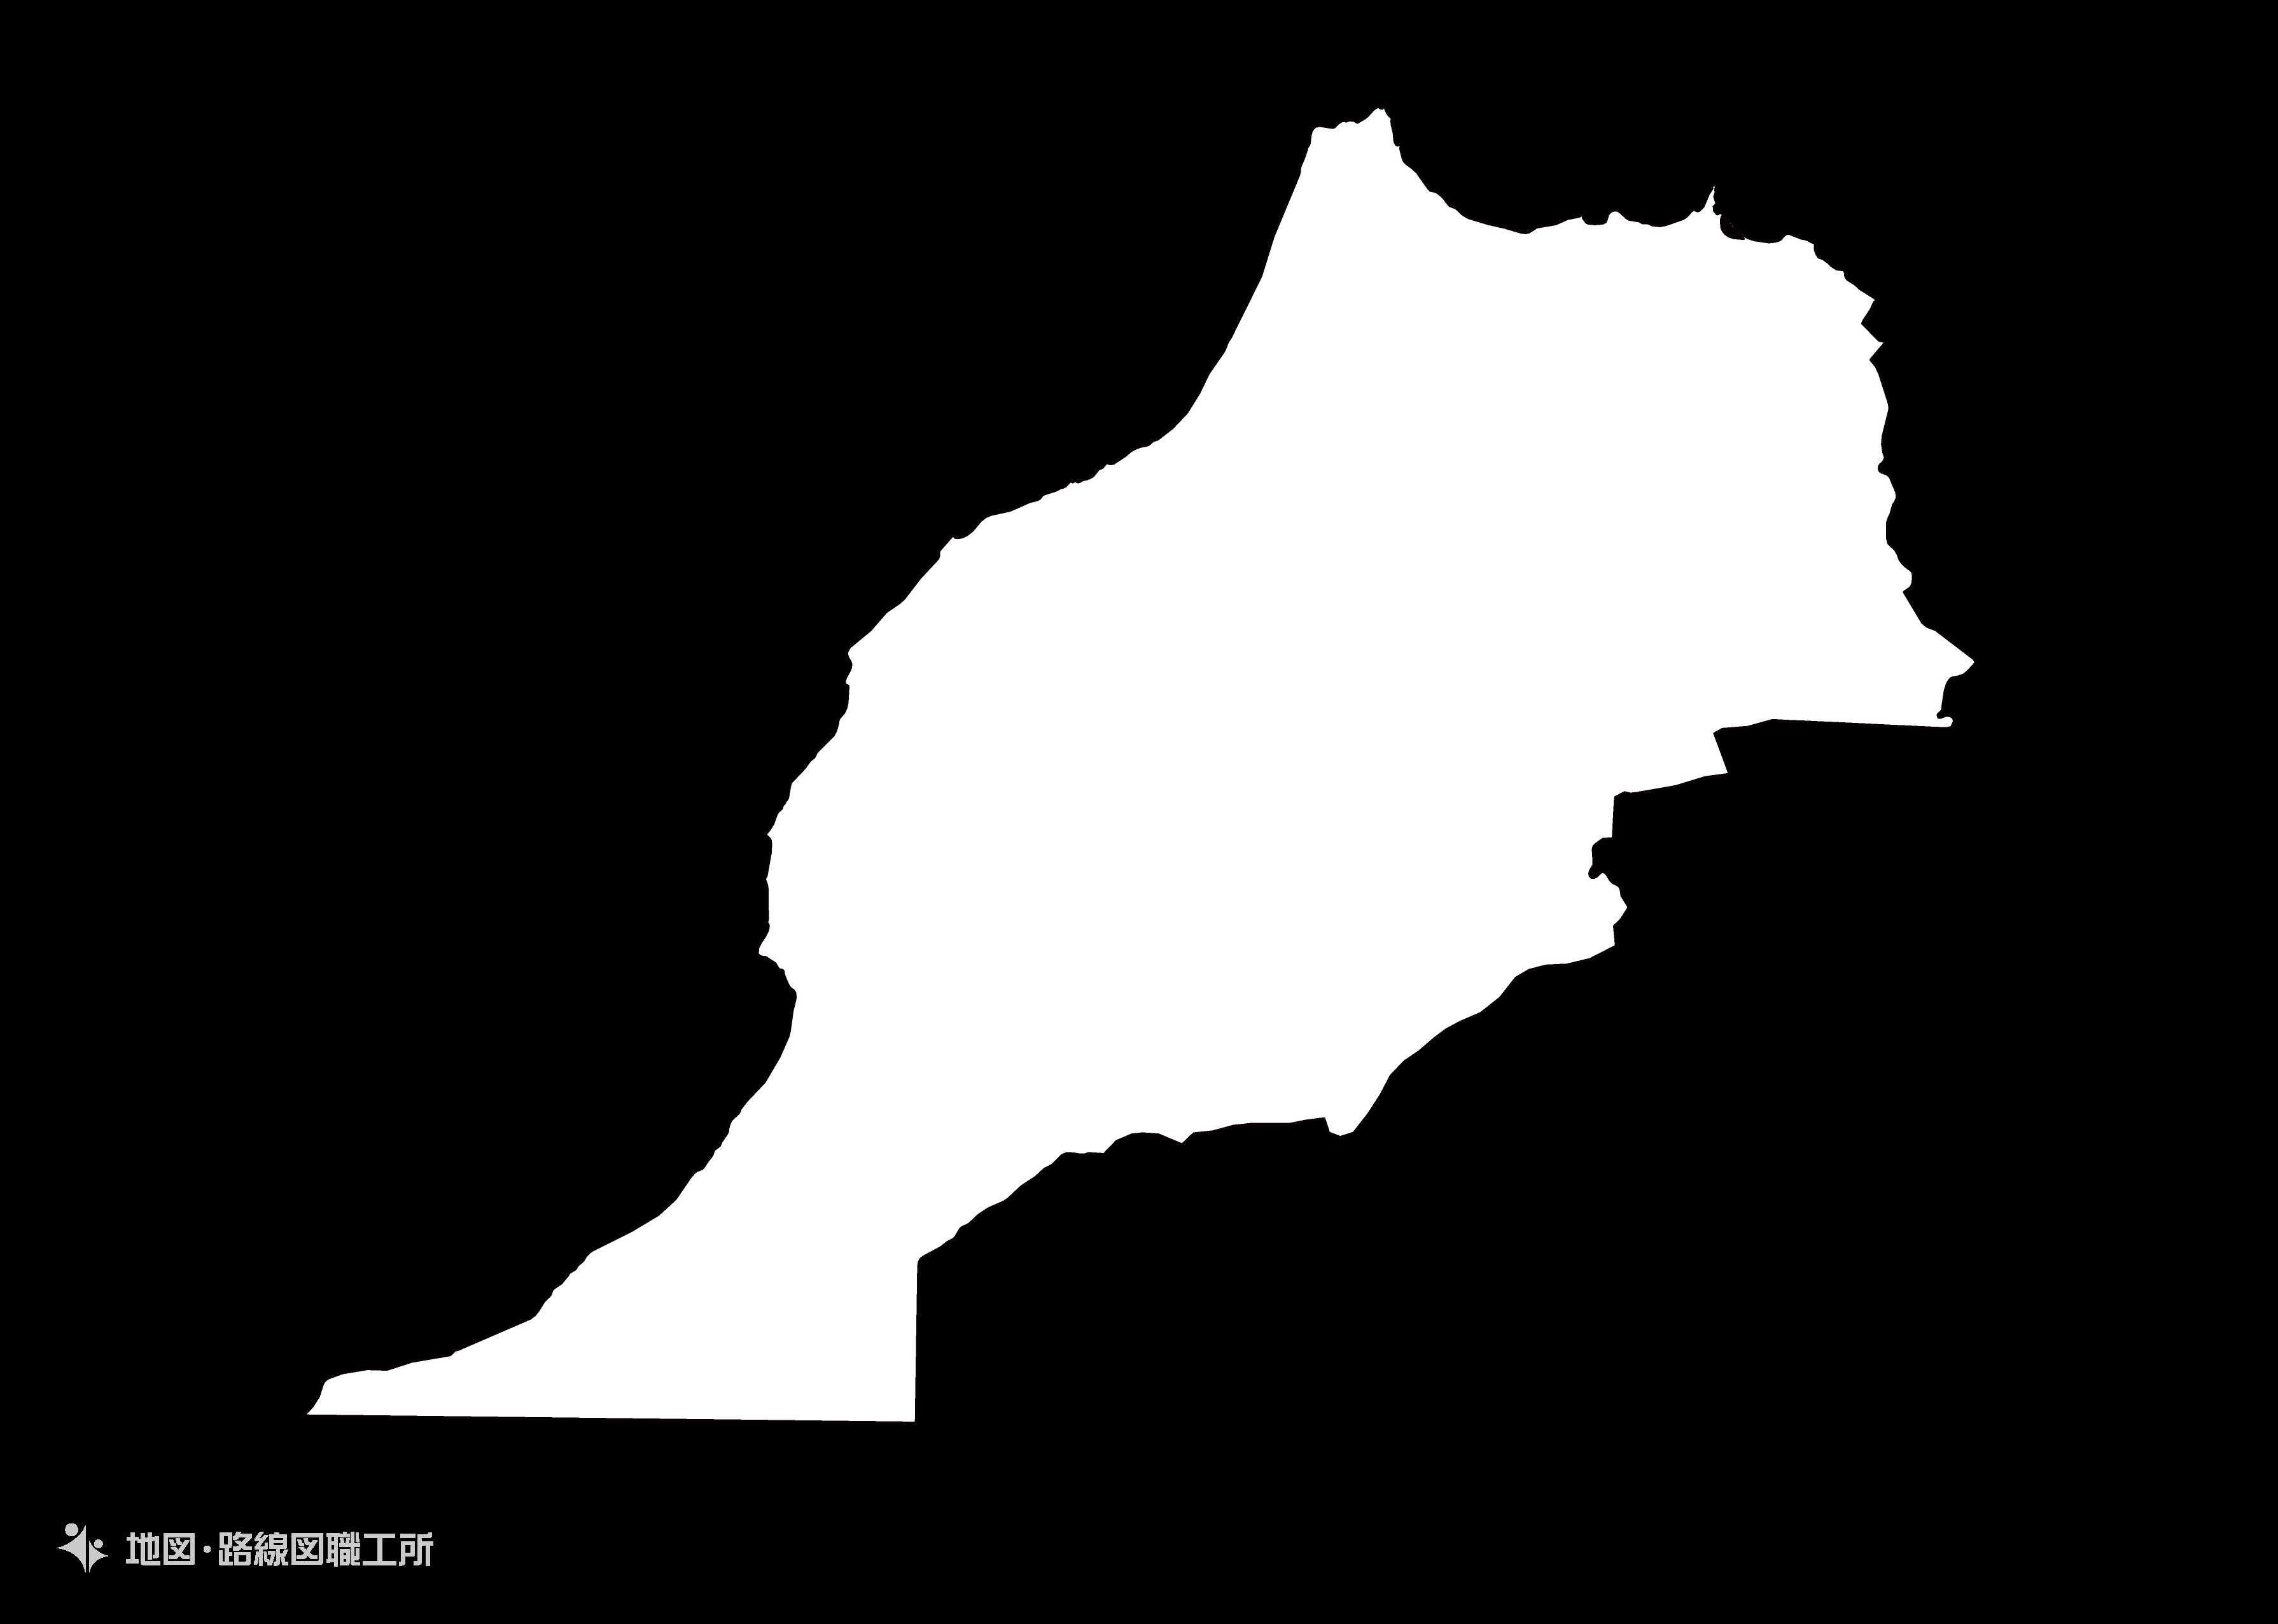 世界の白地図 モロッコ王国 kingdom-of-morocco map